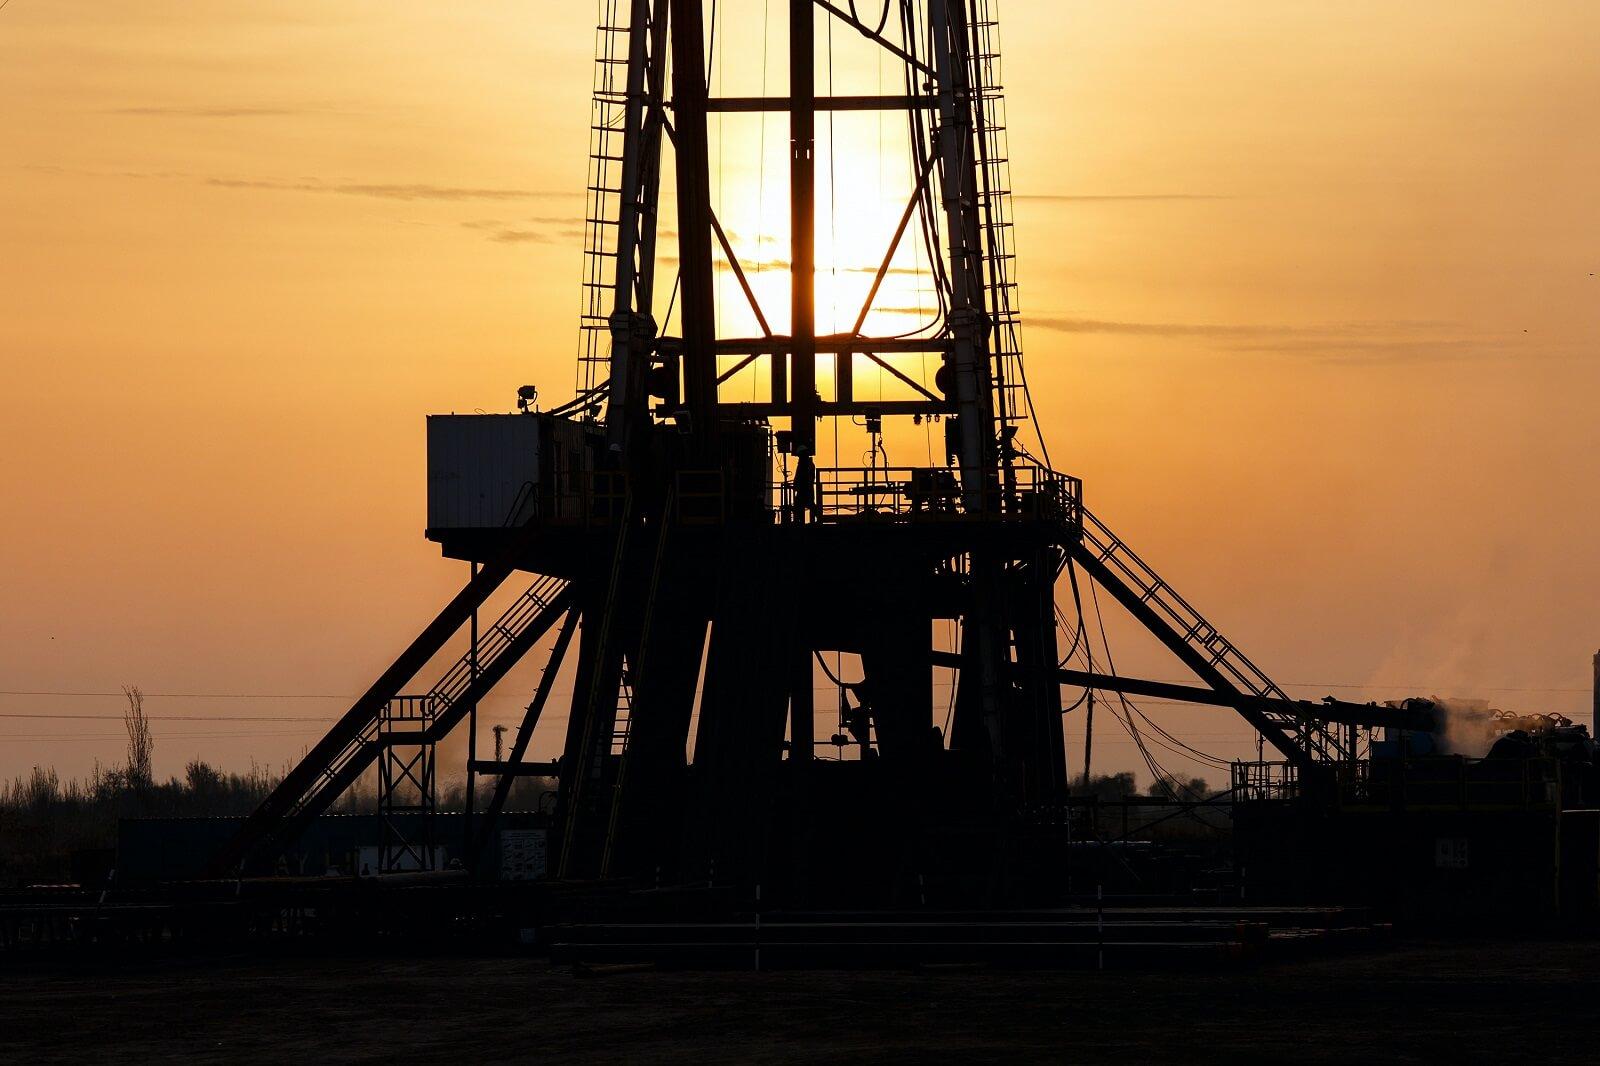 Cena ropy naftowej: jakie zmiany zajdą na rynku dzięki szczepionce na Covid-19?